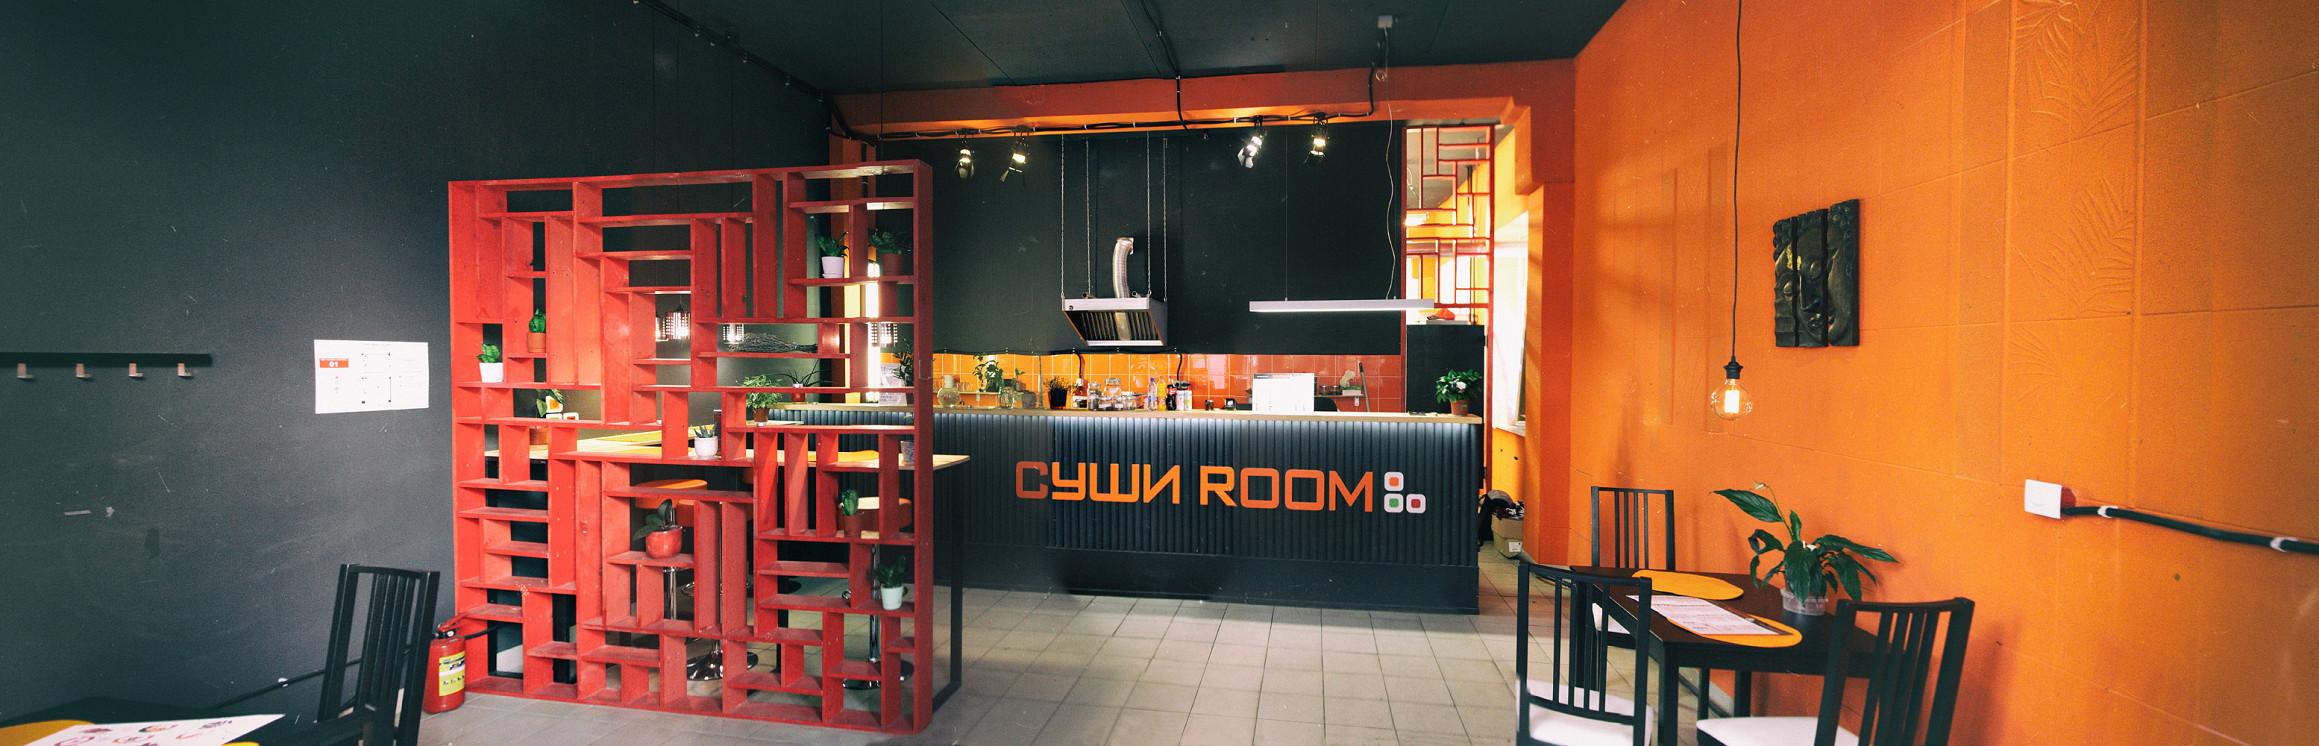 Ресторан Суши Room - фотография 1